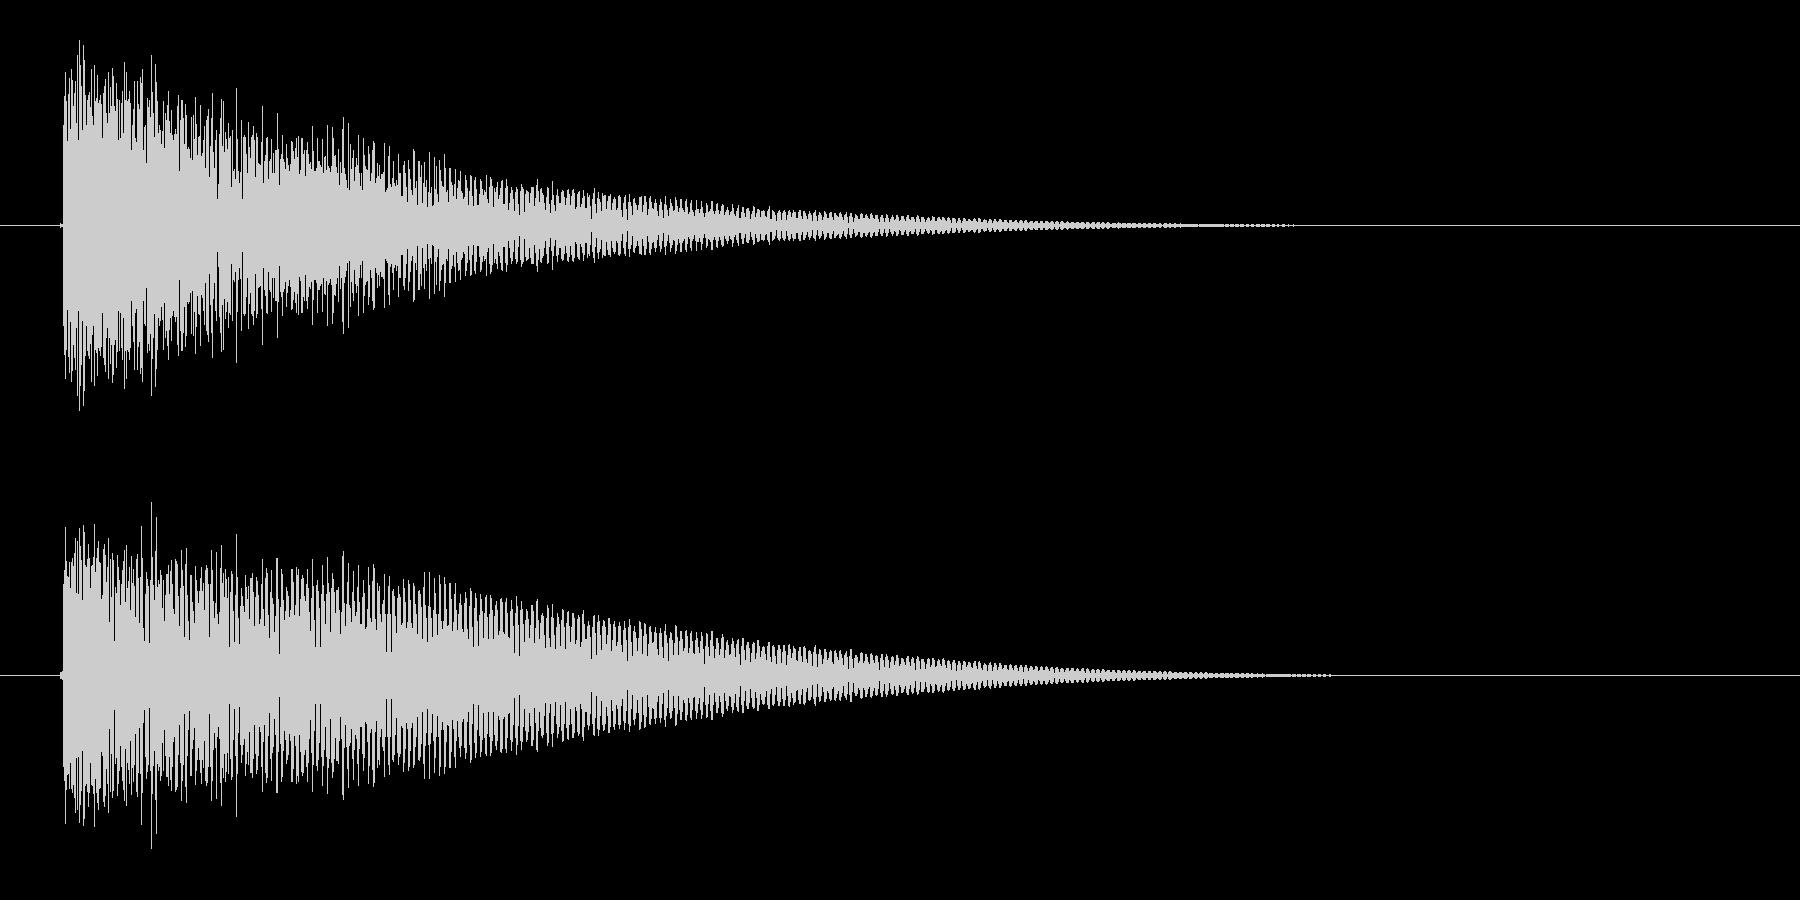 漫画インパクトバングの未再生の波形